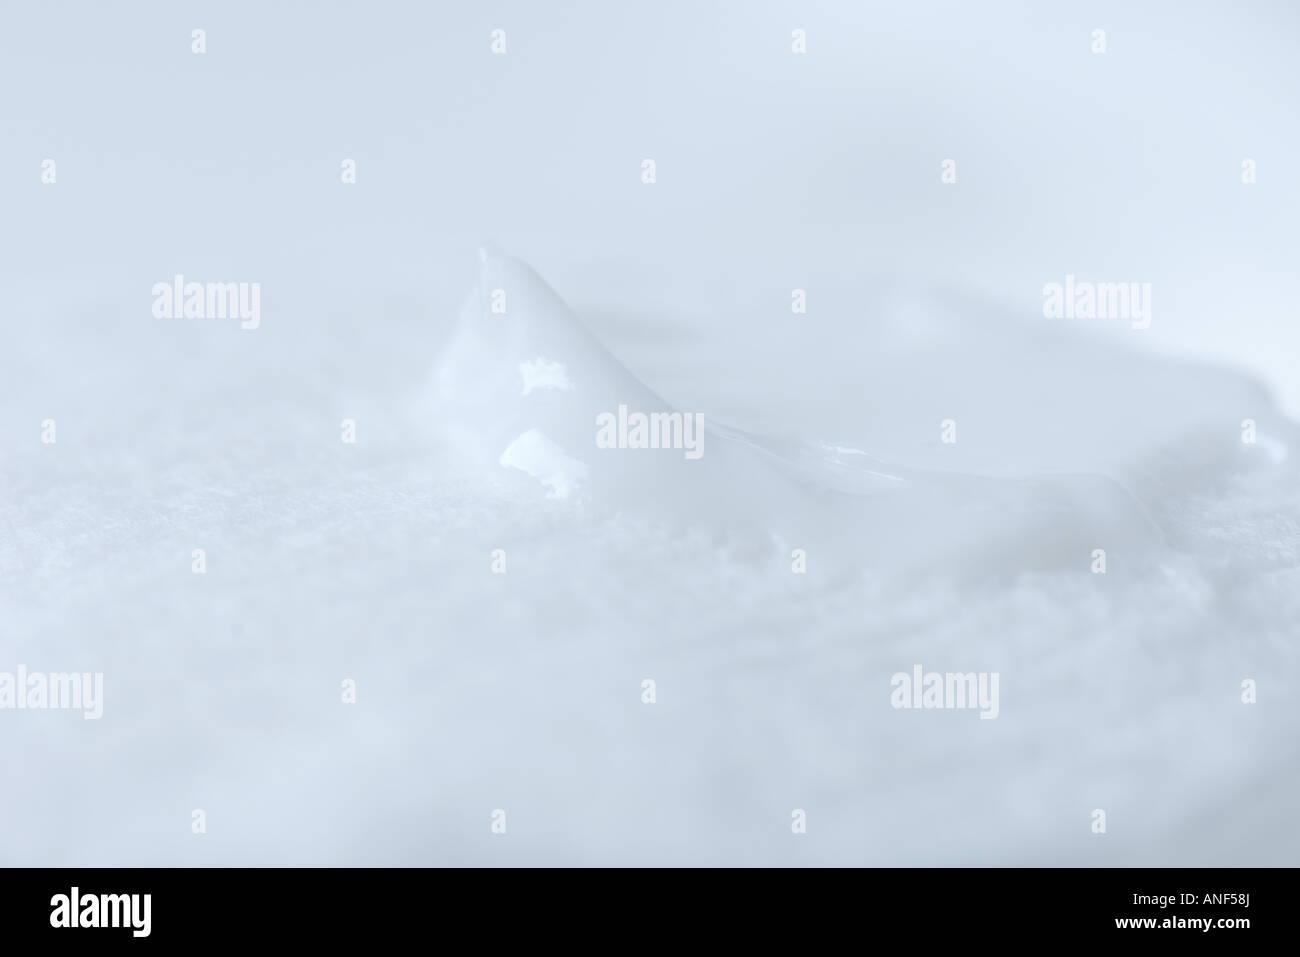 La lozione sul tampone di cotone, extreme close-up Immagini Stock